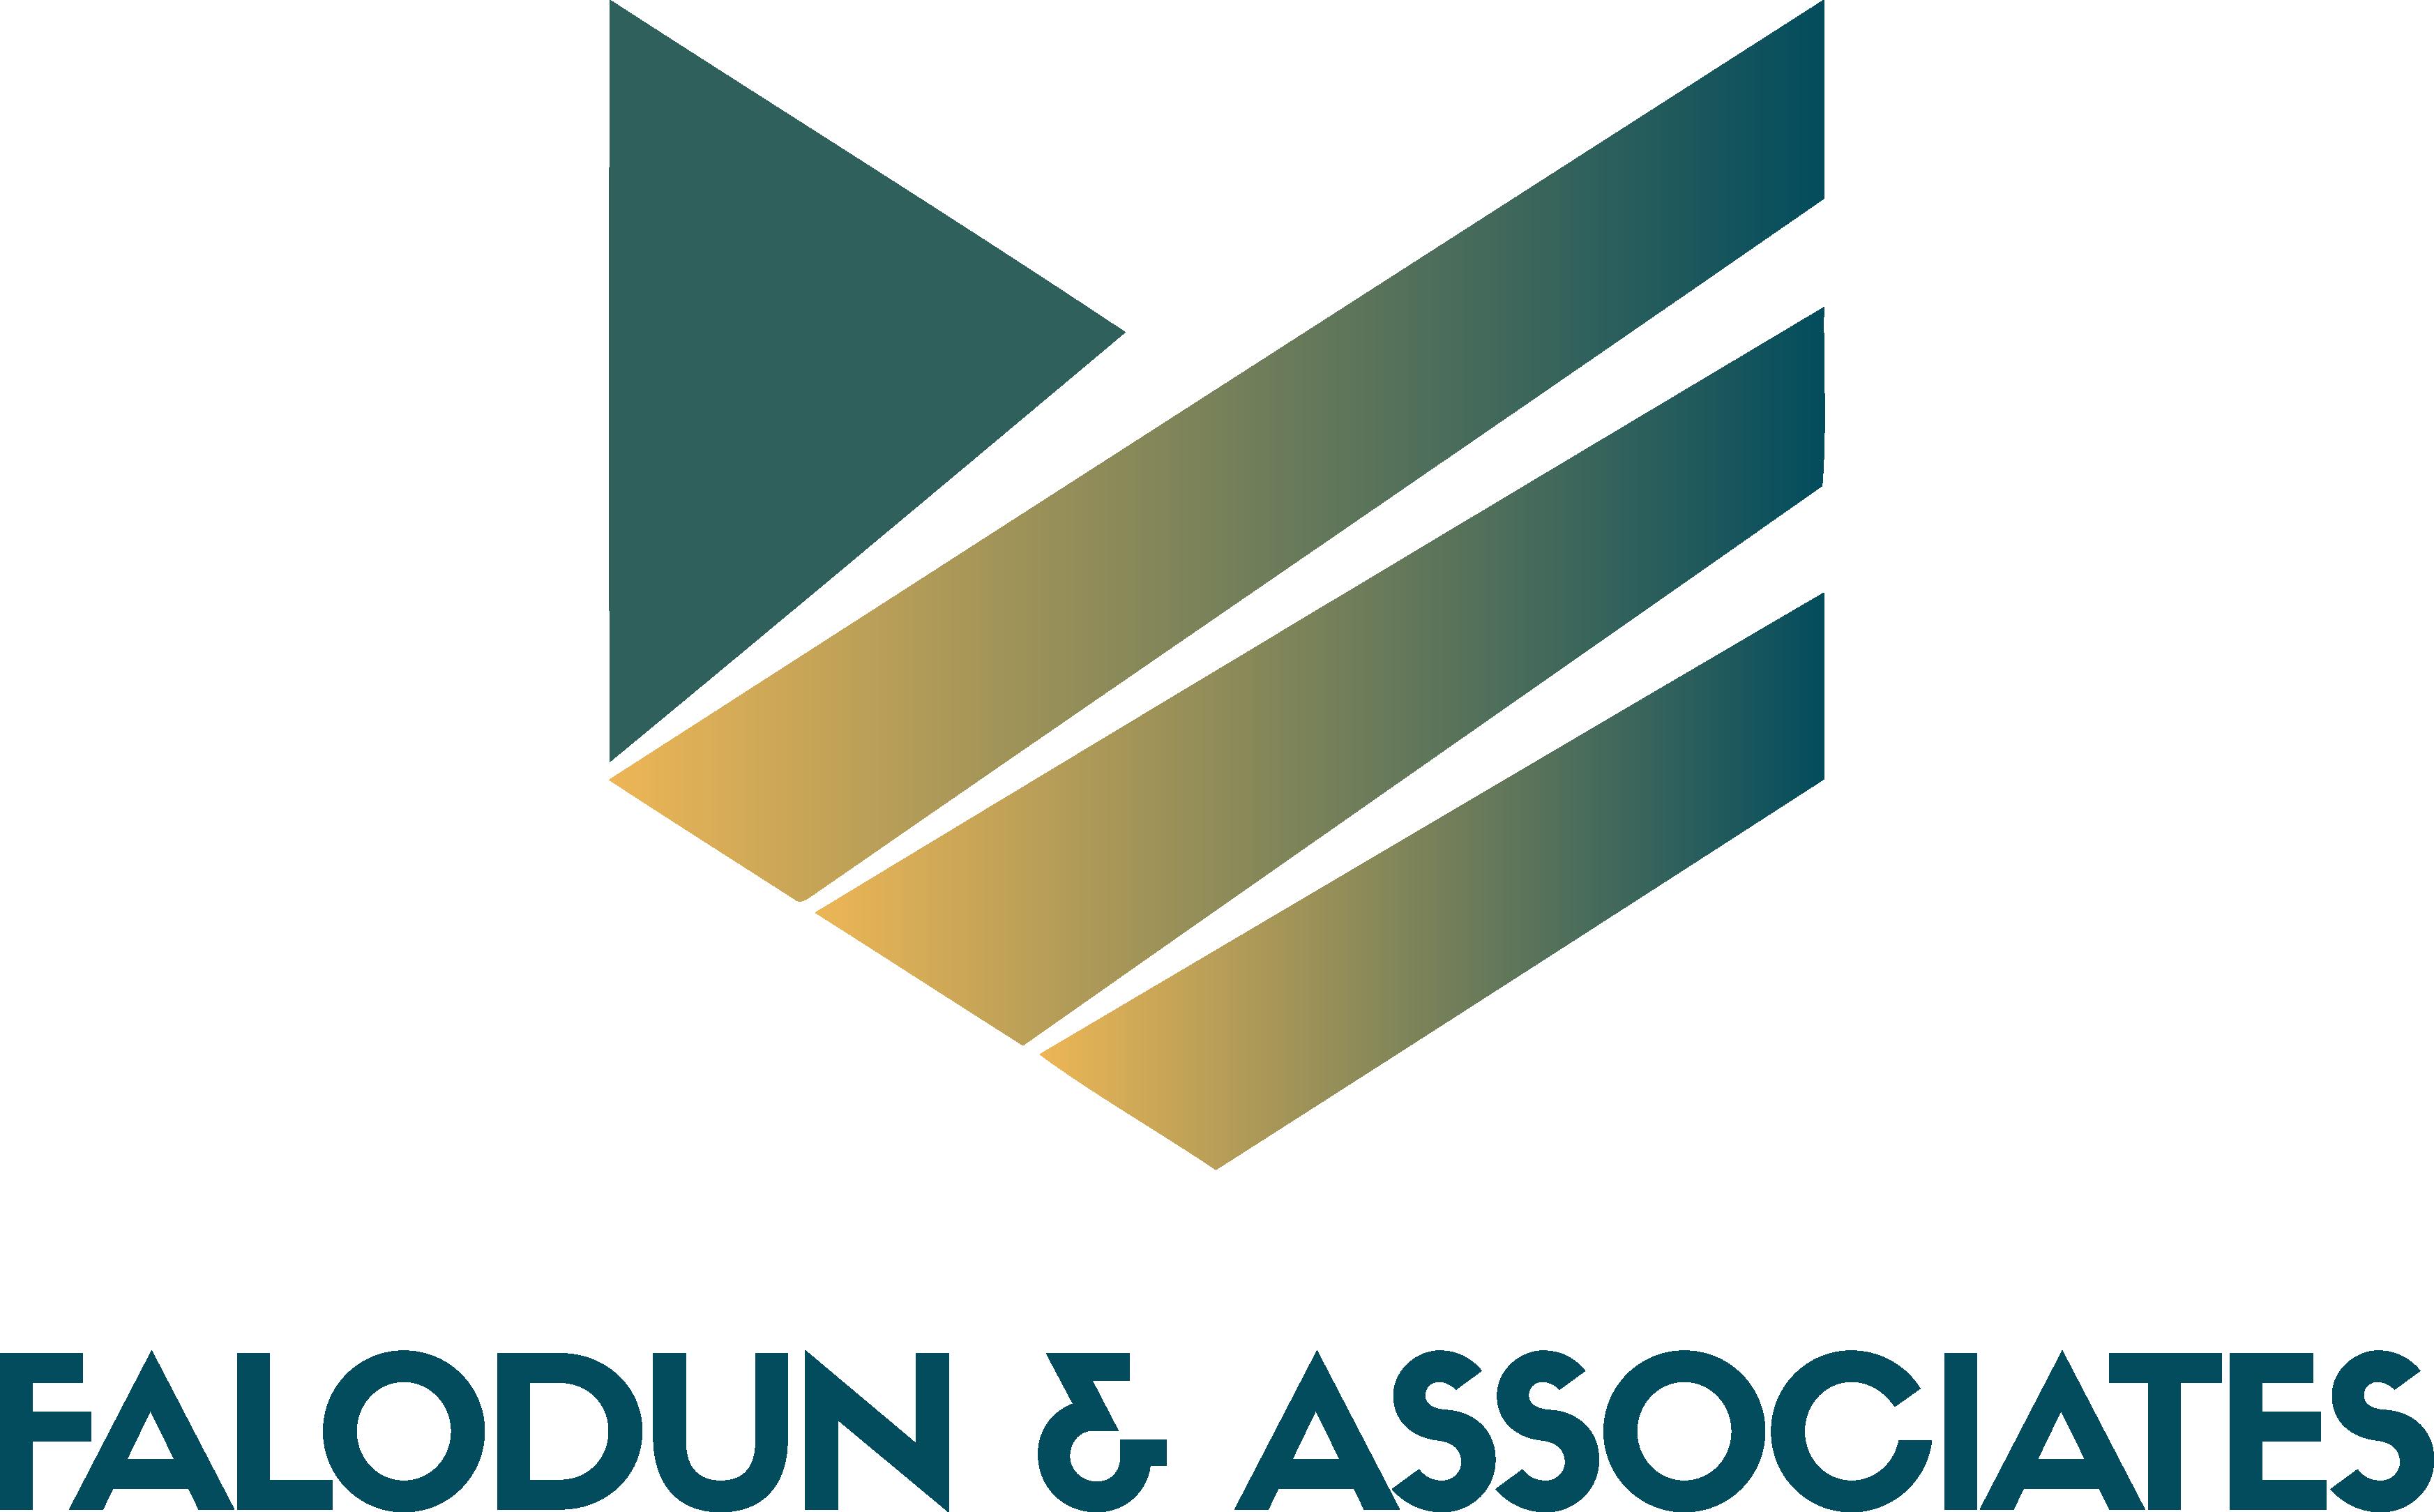 Falodun & Associates